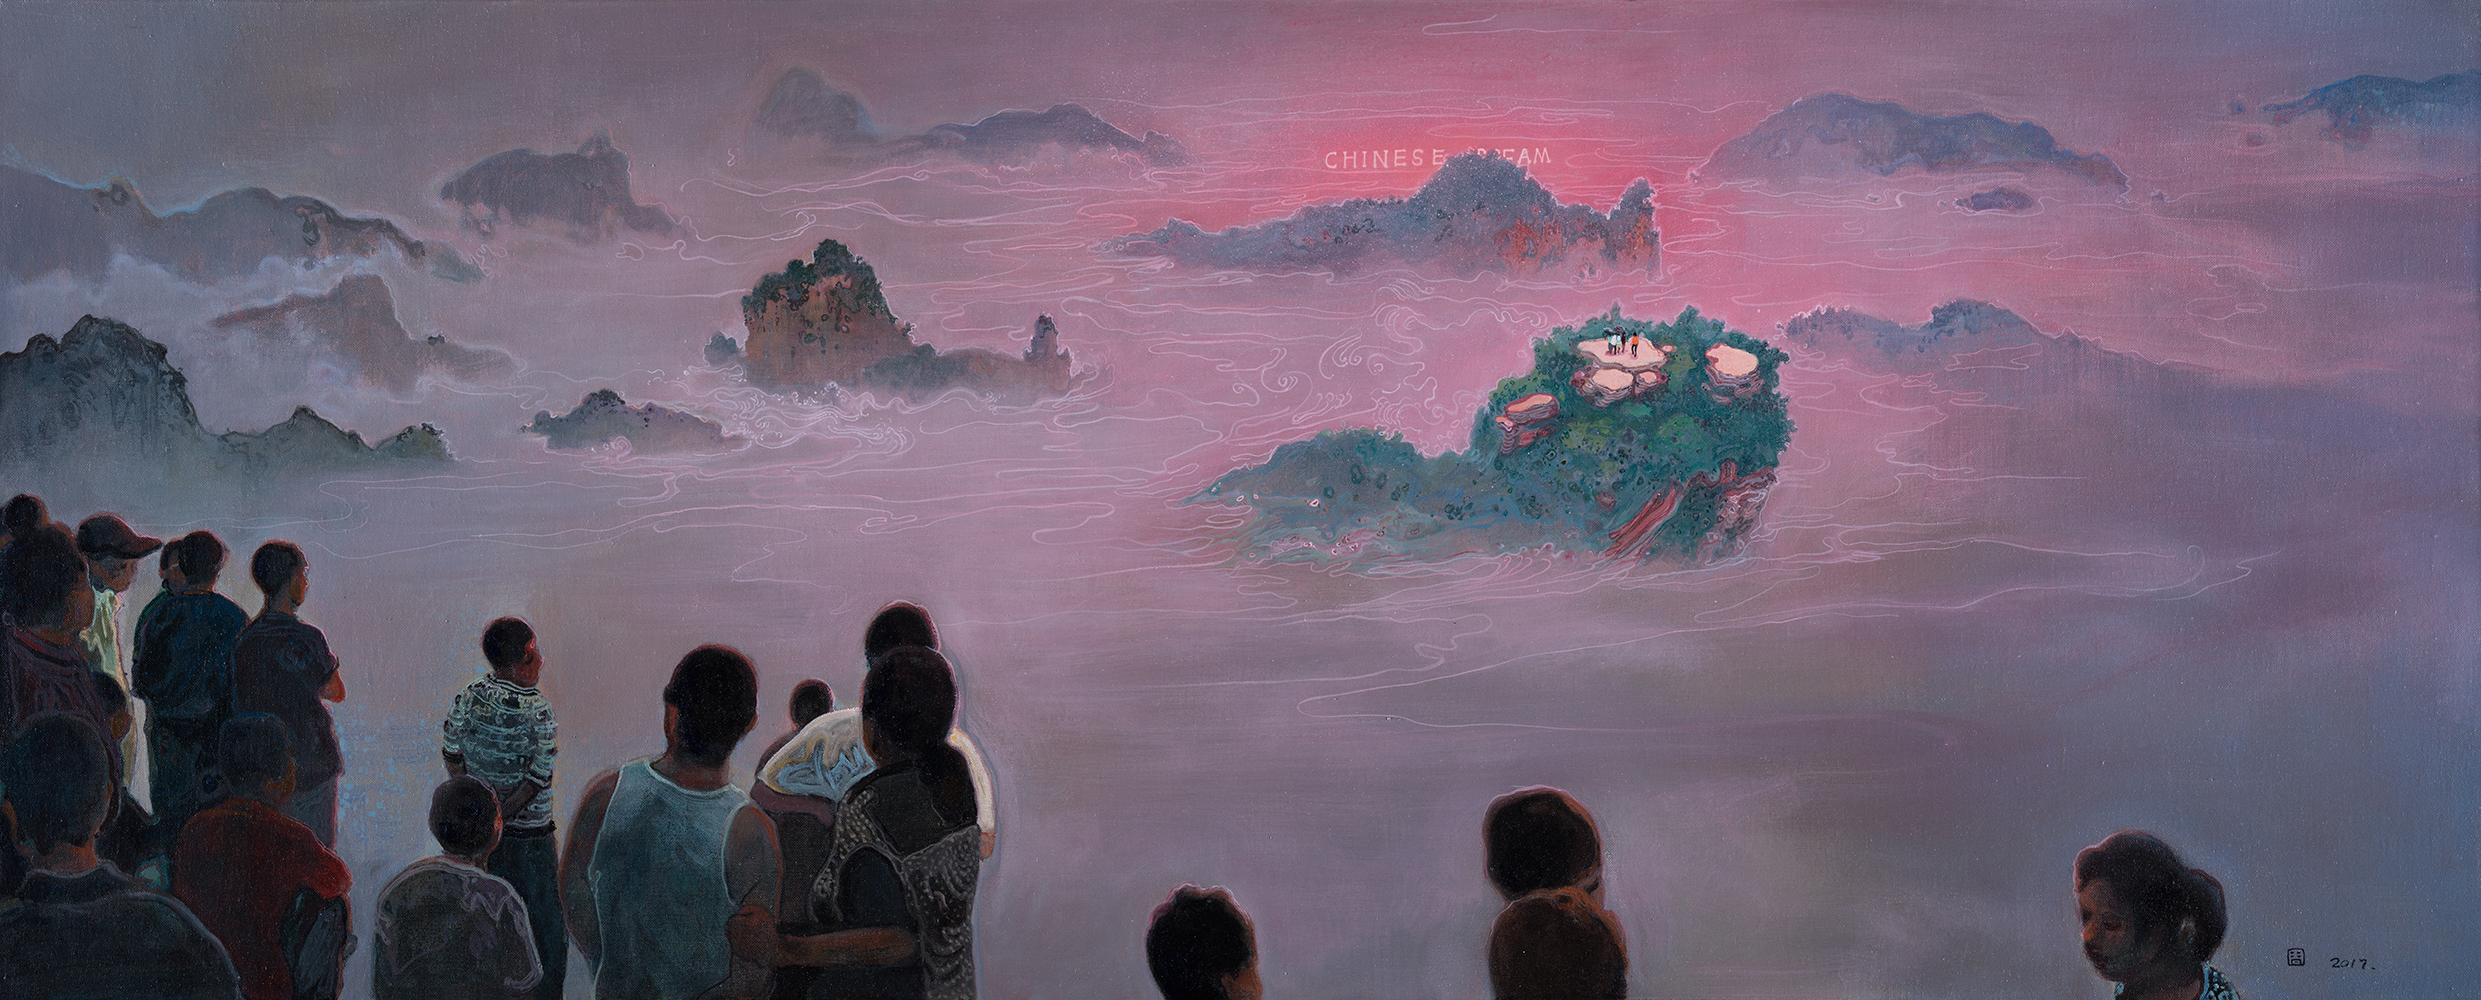 Zhou Jinhua 周金华, Chinese Dream 中国梦, 2017, Acrylic on canvas 布面丙烯, 60 x 150 cm